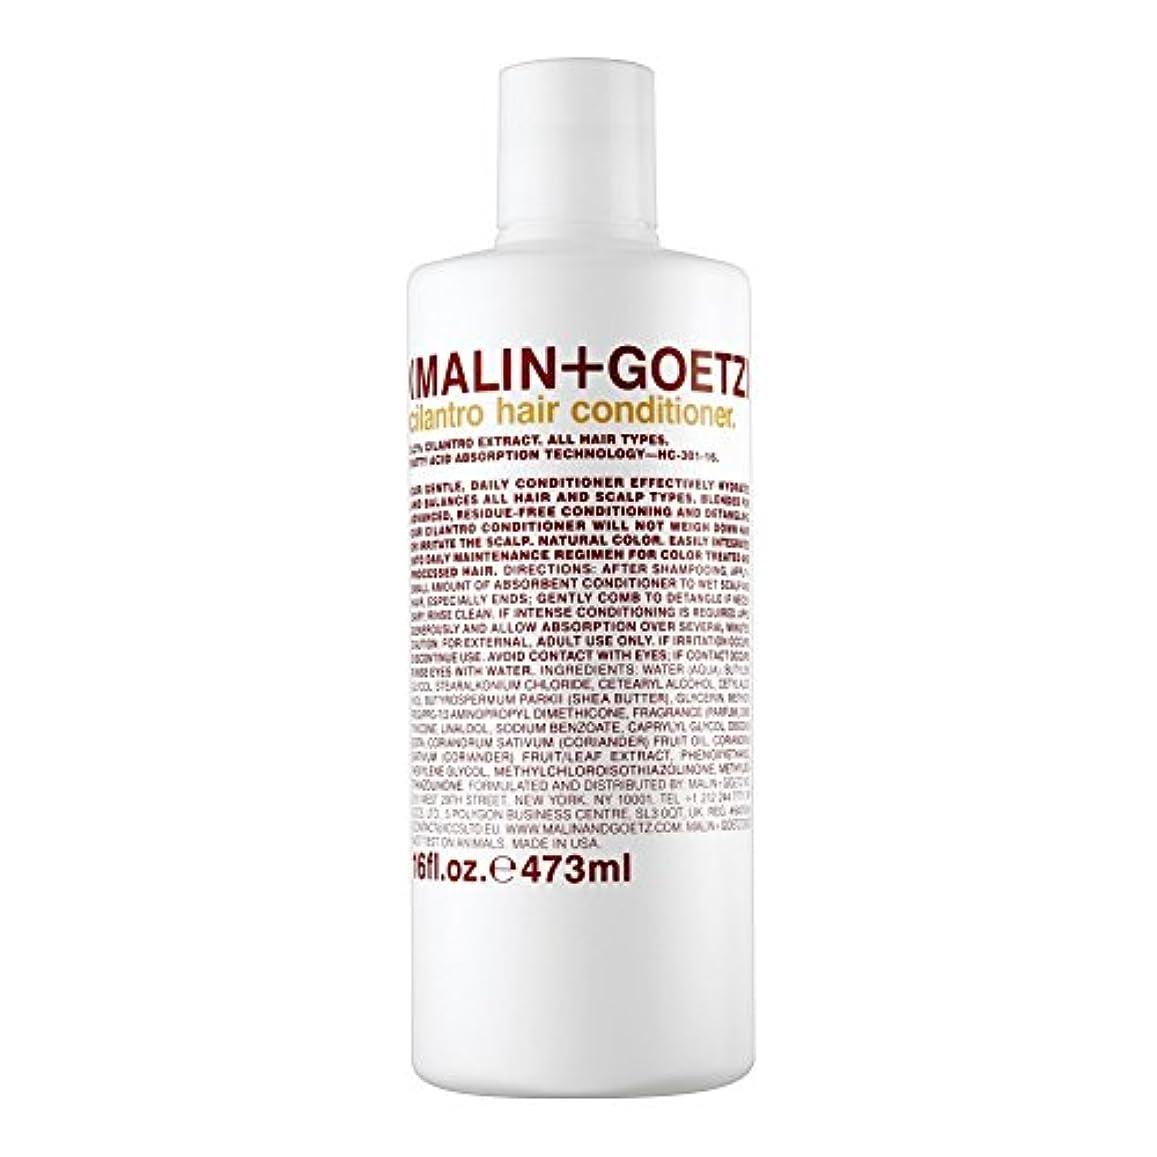 ブルゴーニュ滅びる受賞MALIN+GOETZ Cilantro Hair Conditioner 473ml (Pack of 6) - マリン+ゲッツコリアンダーのヘアコンディショナー473ミリリットル x6 [並行輸入品]